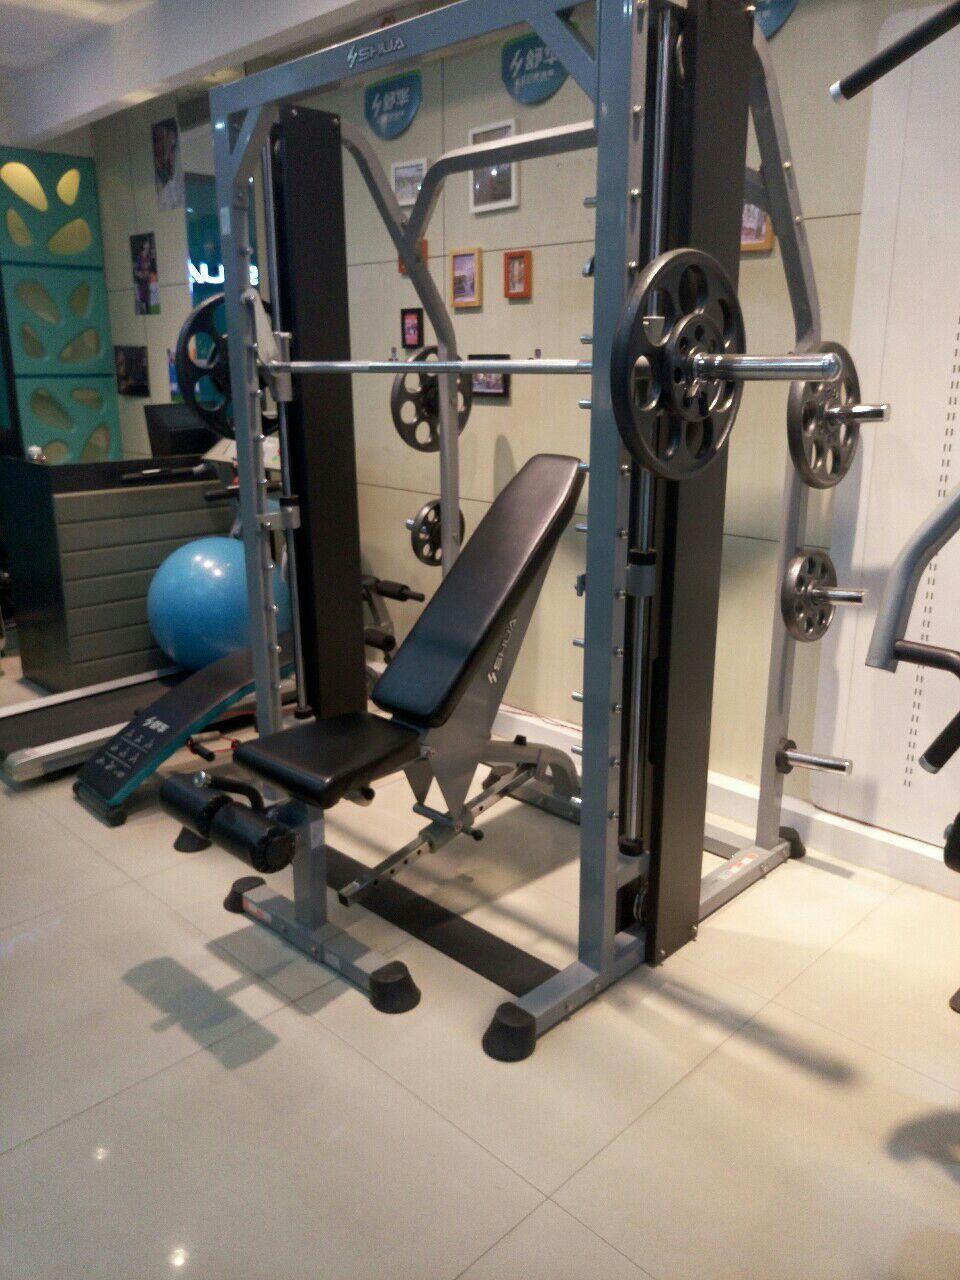 舒華跑步機、健康車等各類健身器械